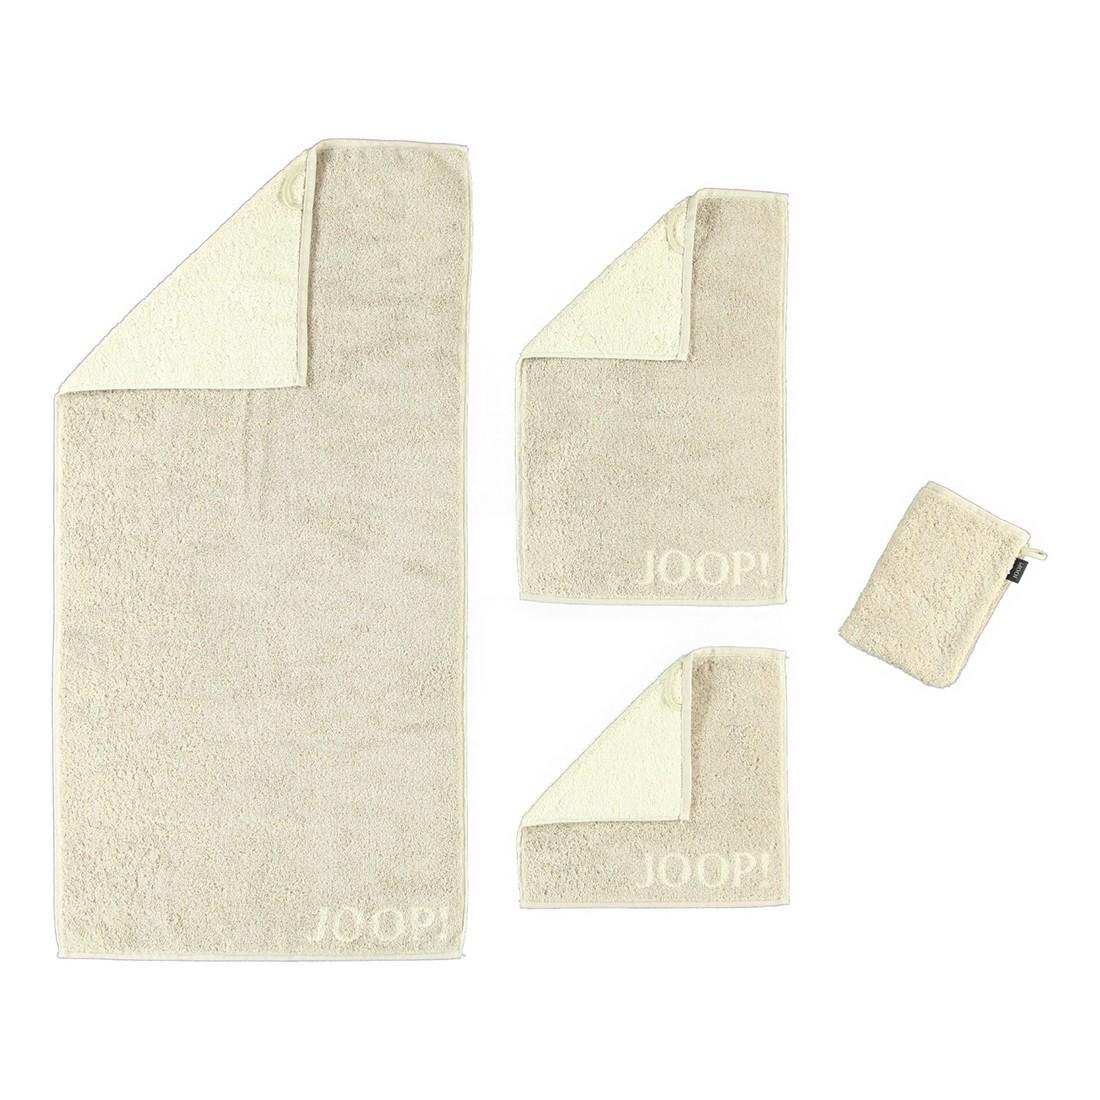 Handtuch Classic Doubleface – 100% Baumwolle Sand – 30 – Waschhandschuh: 16 x 22 cm, Joop günstig online kaufen